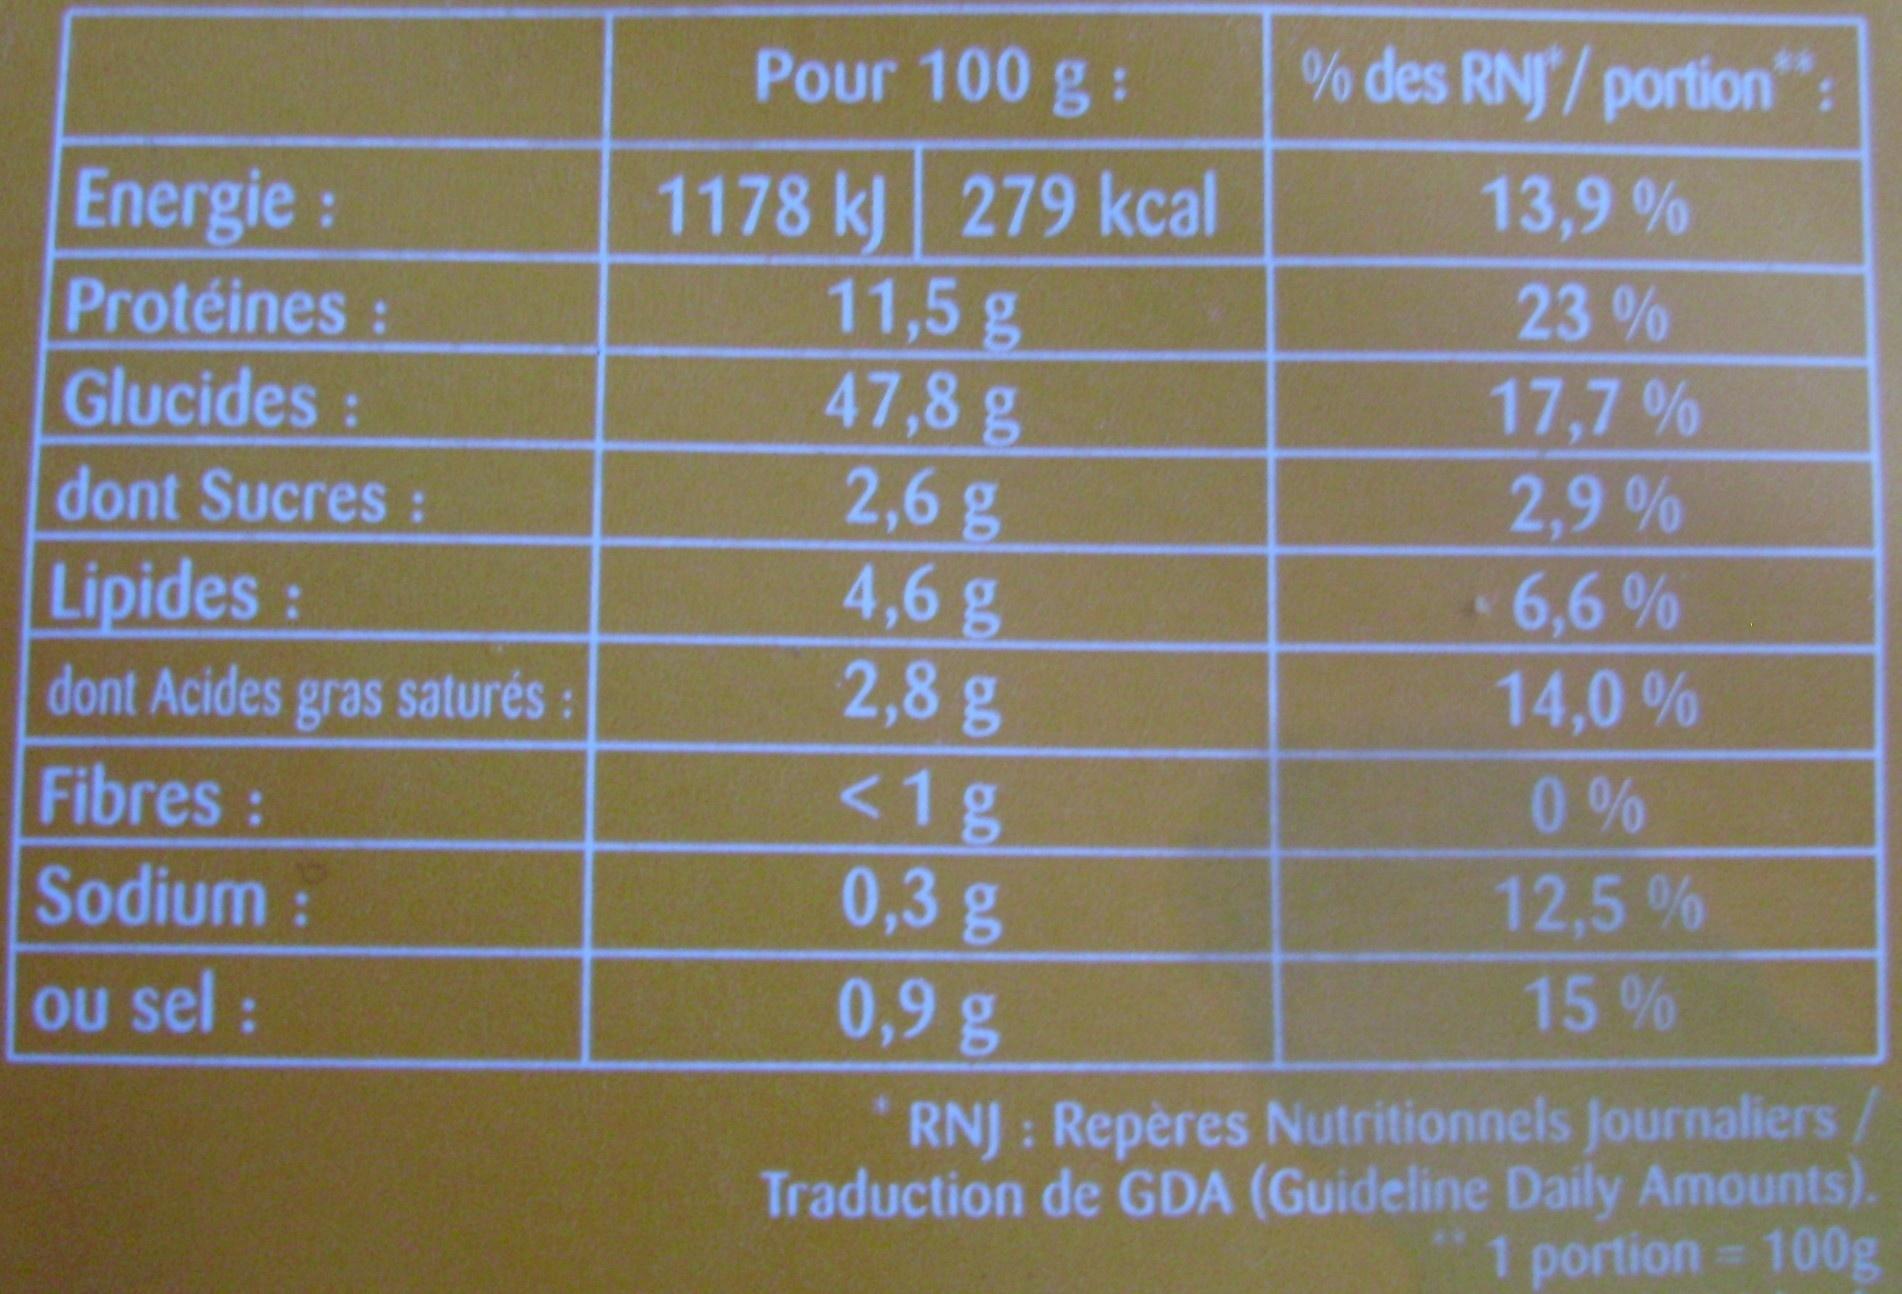 Raviolis aux 4 Fromages - Informations nutritionnelles - fr